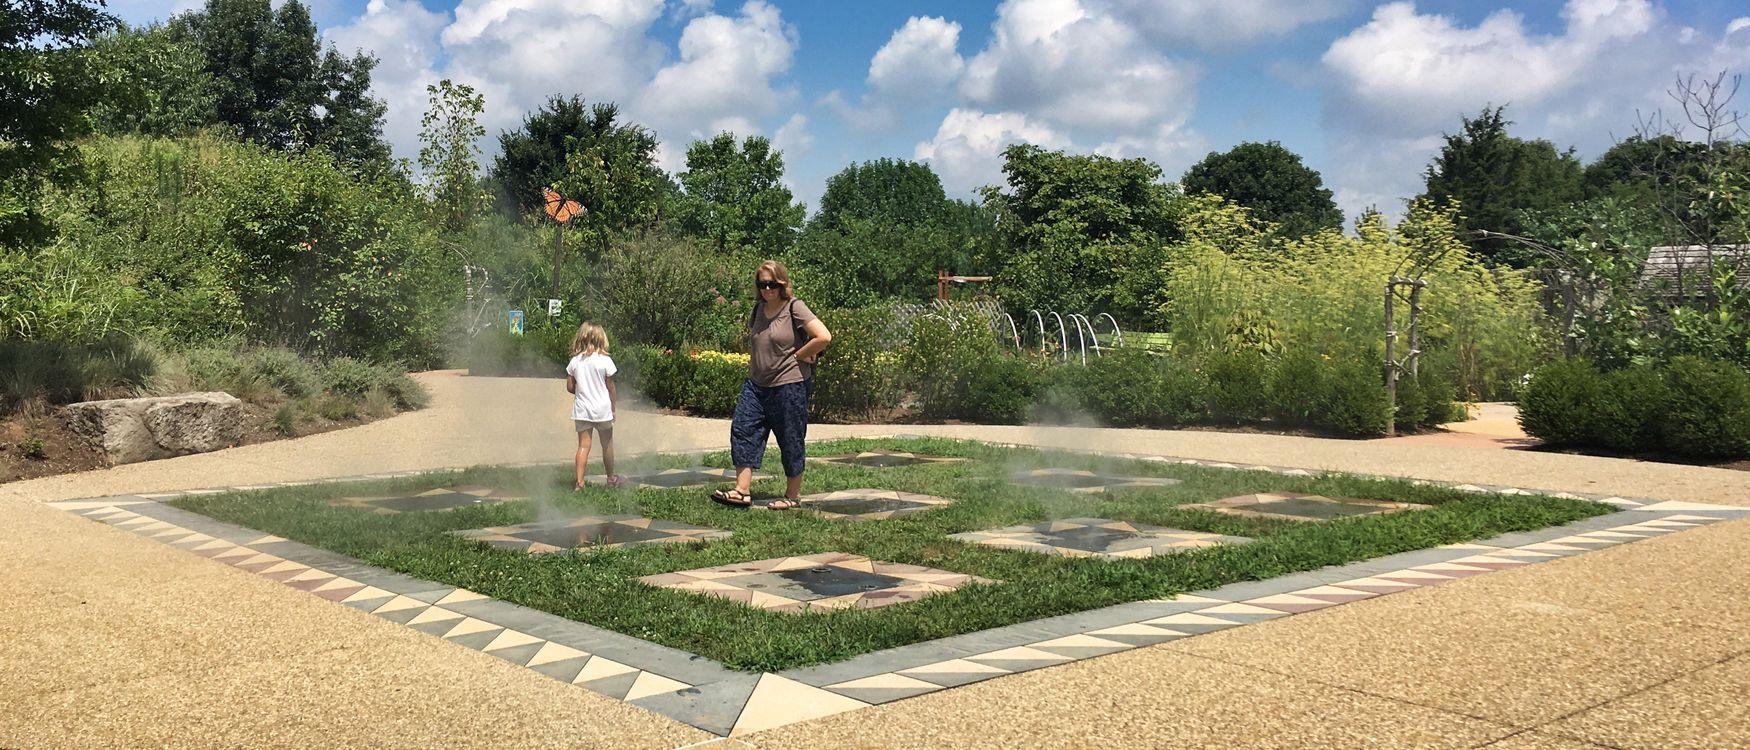 University of Kentucky Arboretum Children's Garden mister